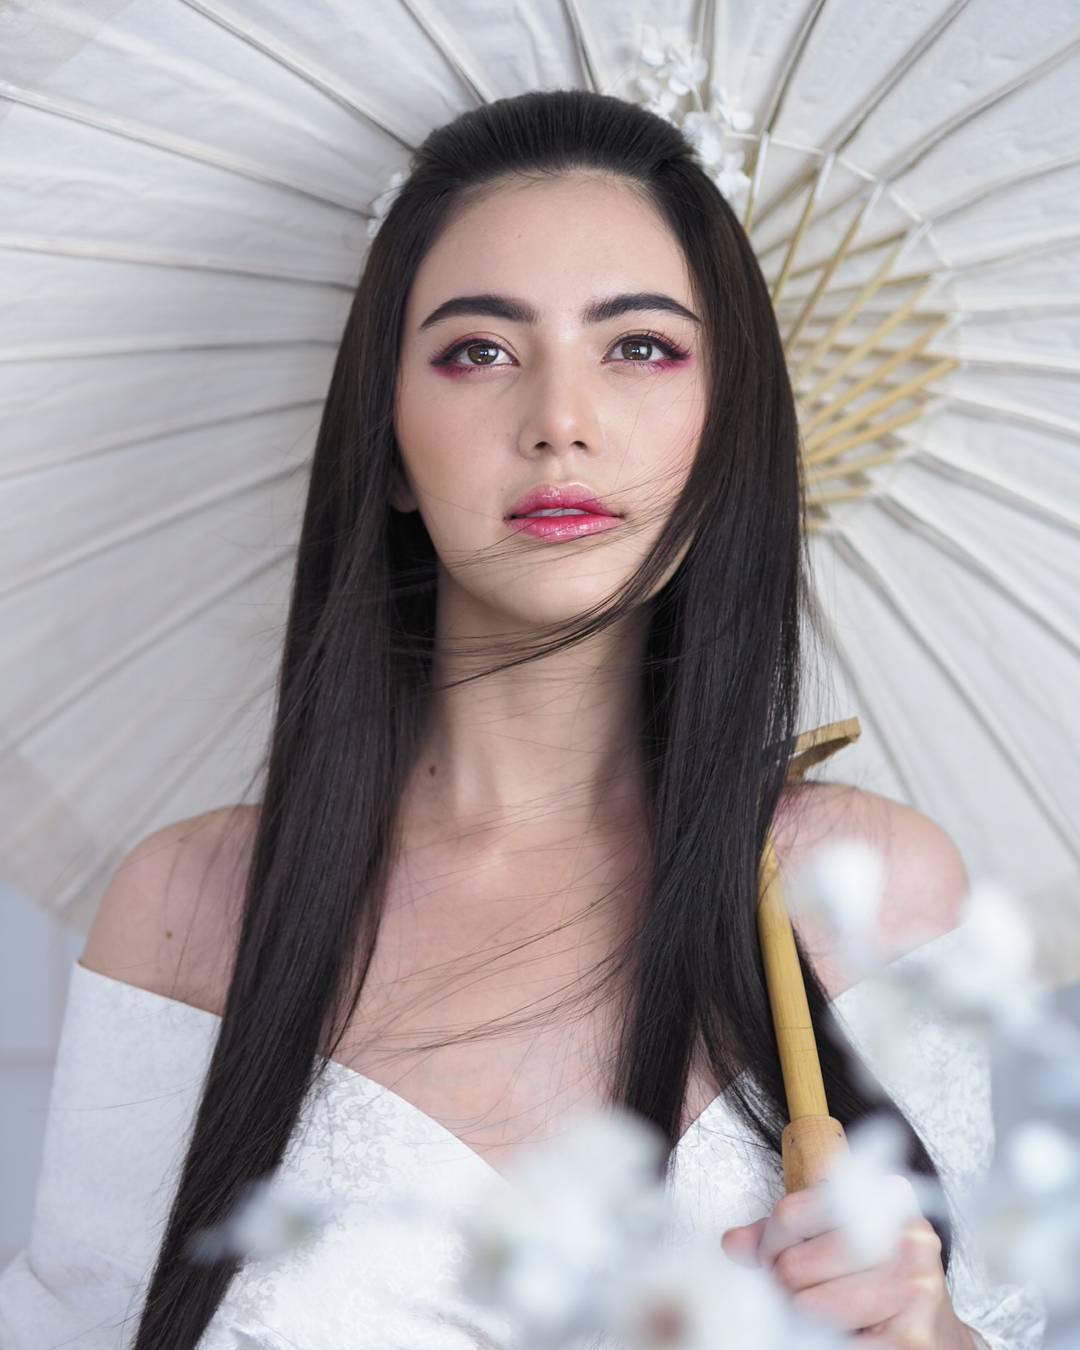 tai khoan instagram hot girl thai lan - Davikah - elle man 3